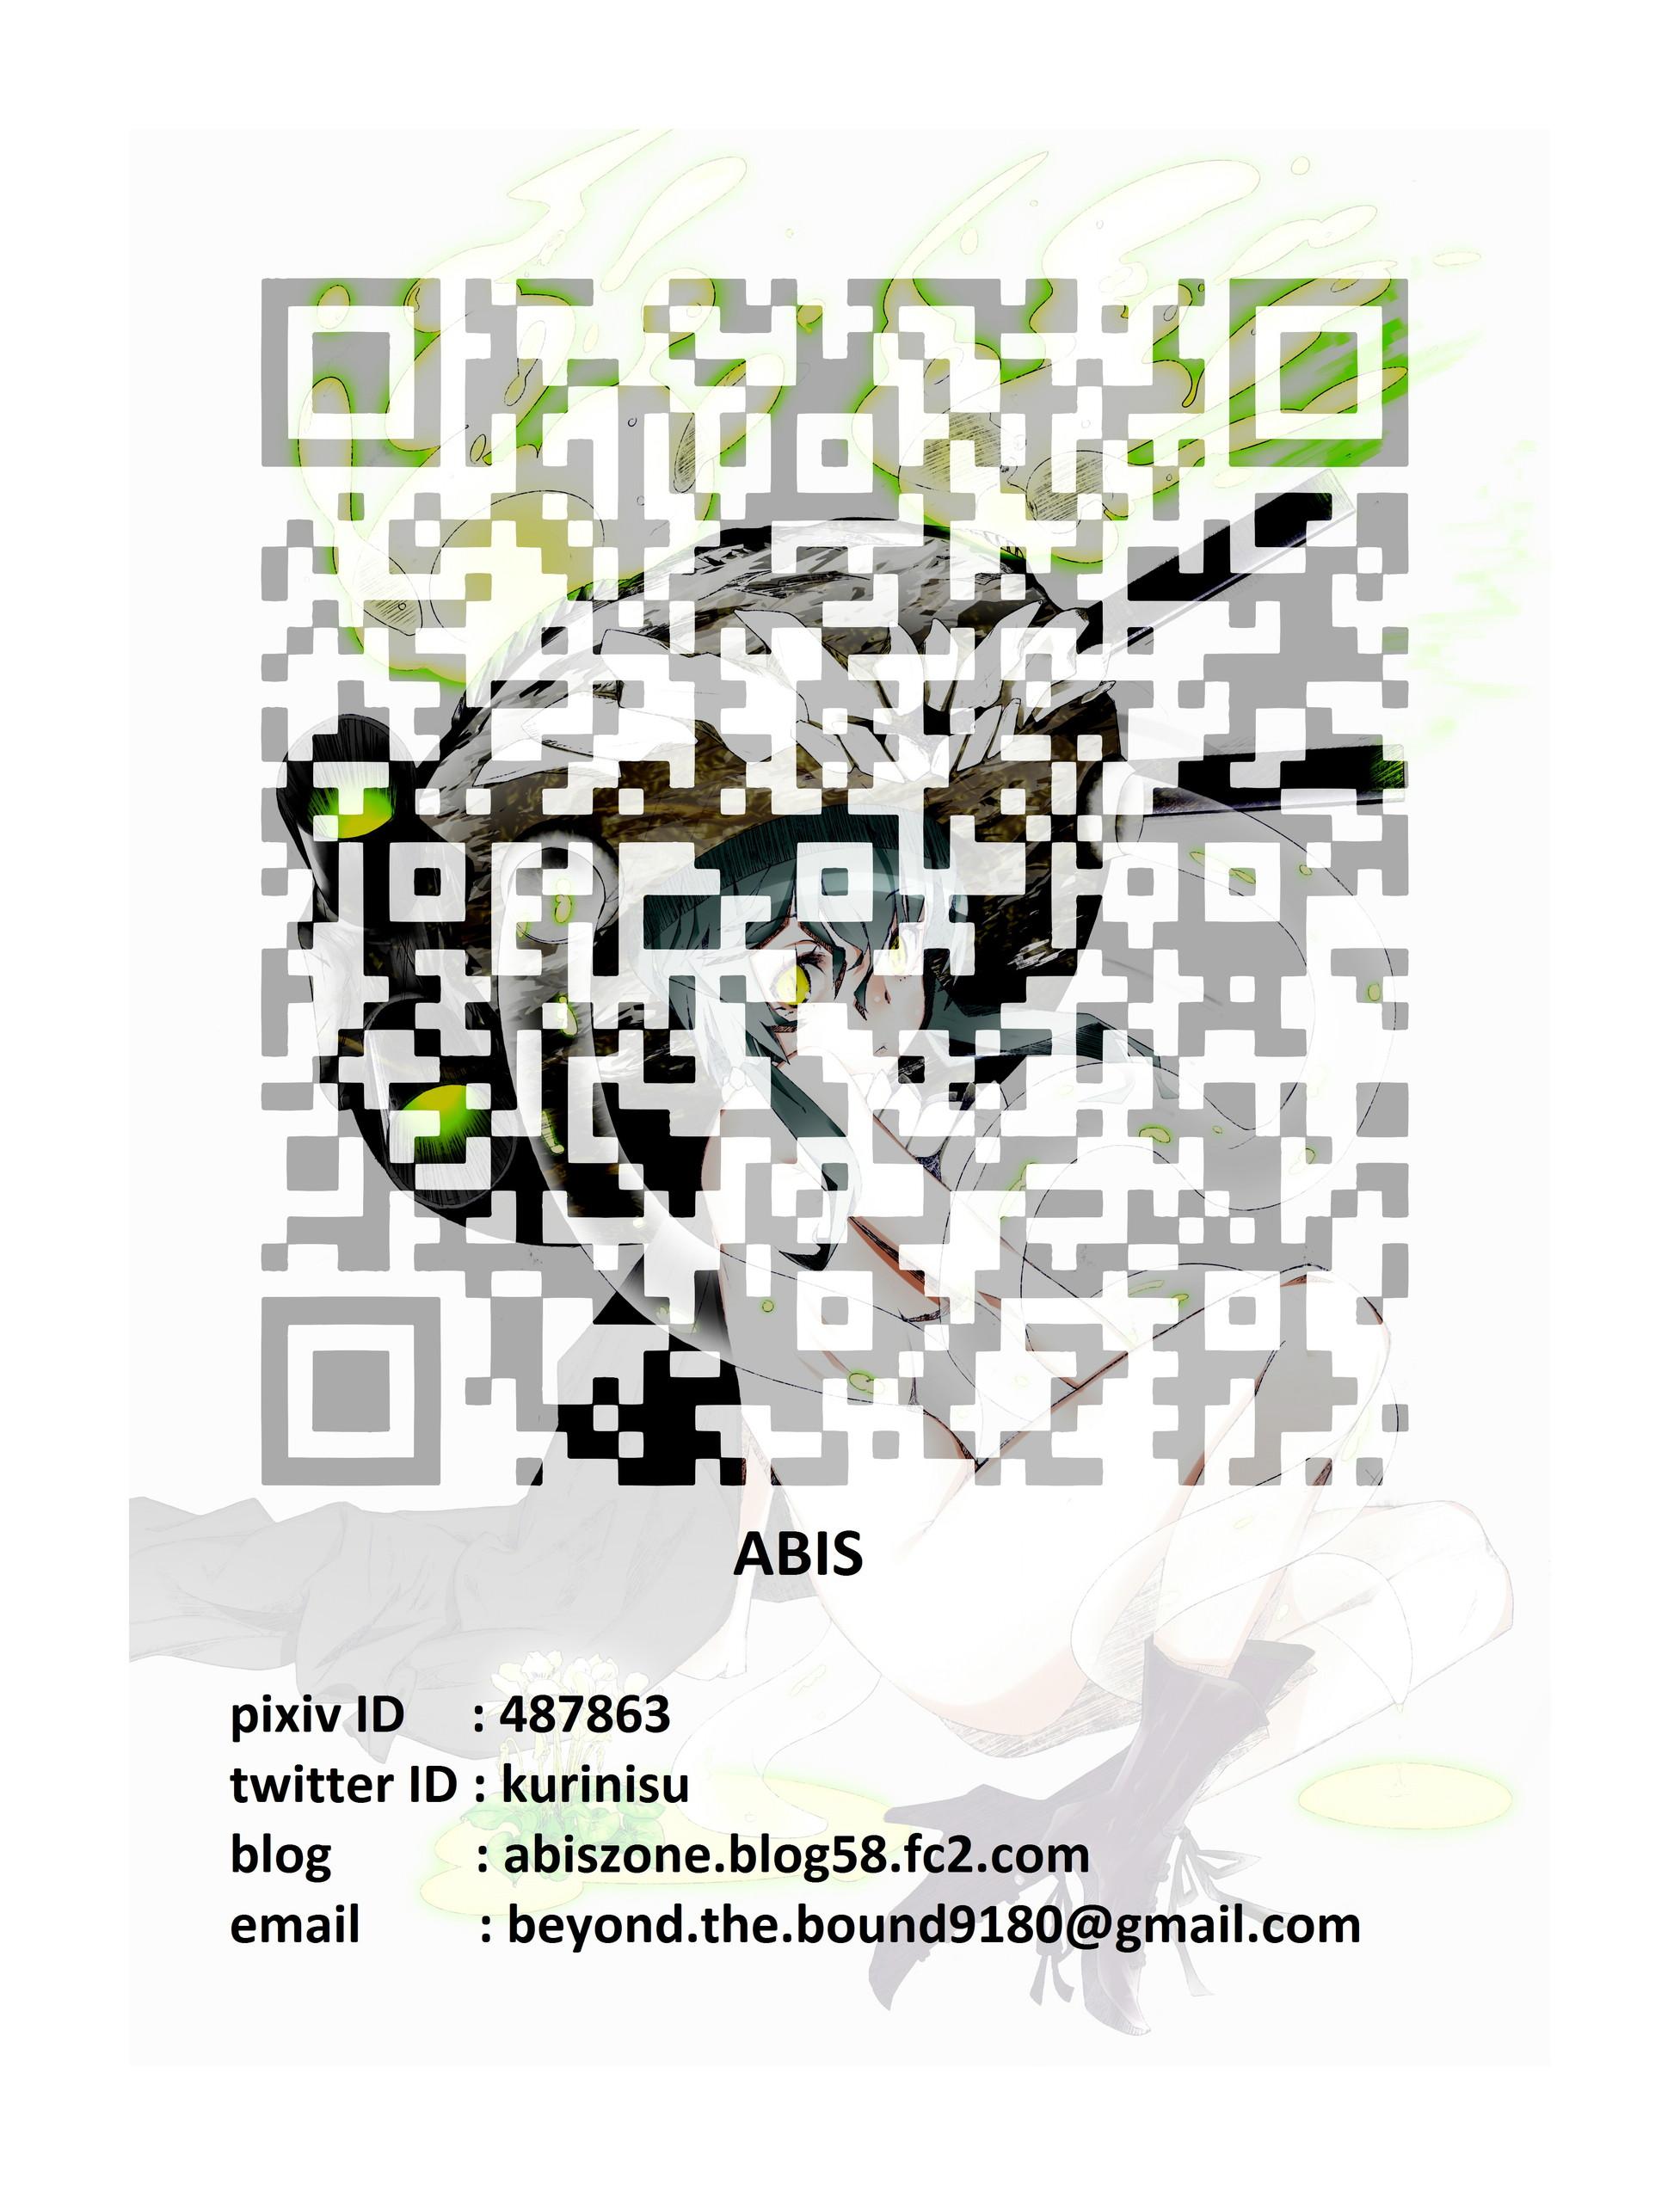 45317941-596694fd02dfac57cd4a9fab4baa448d_p0[1]